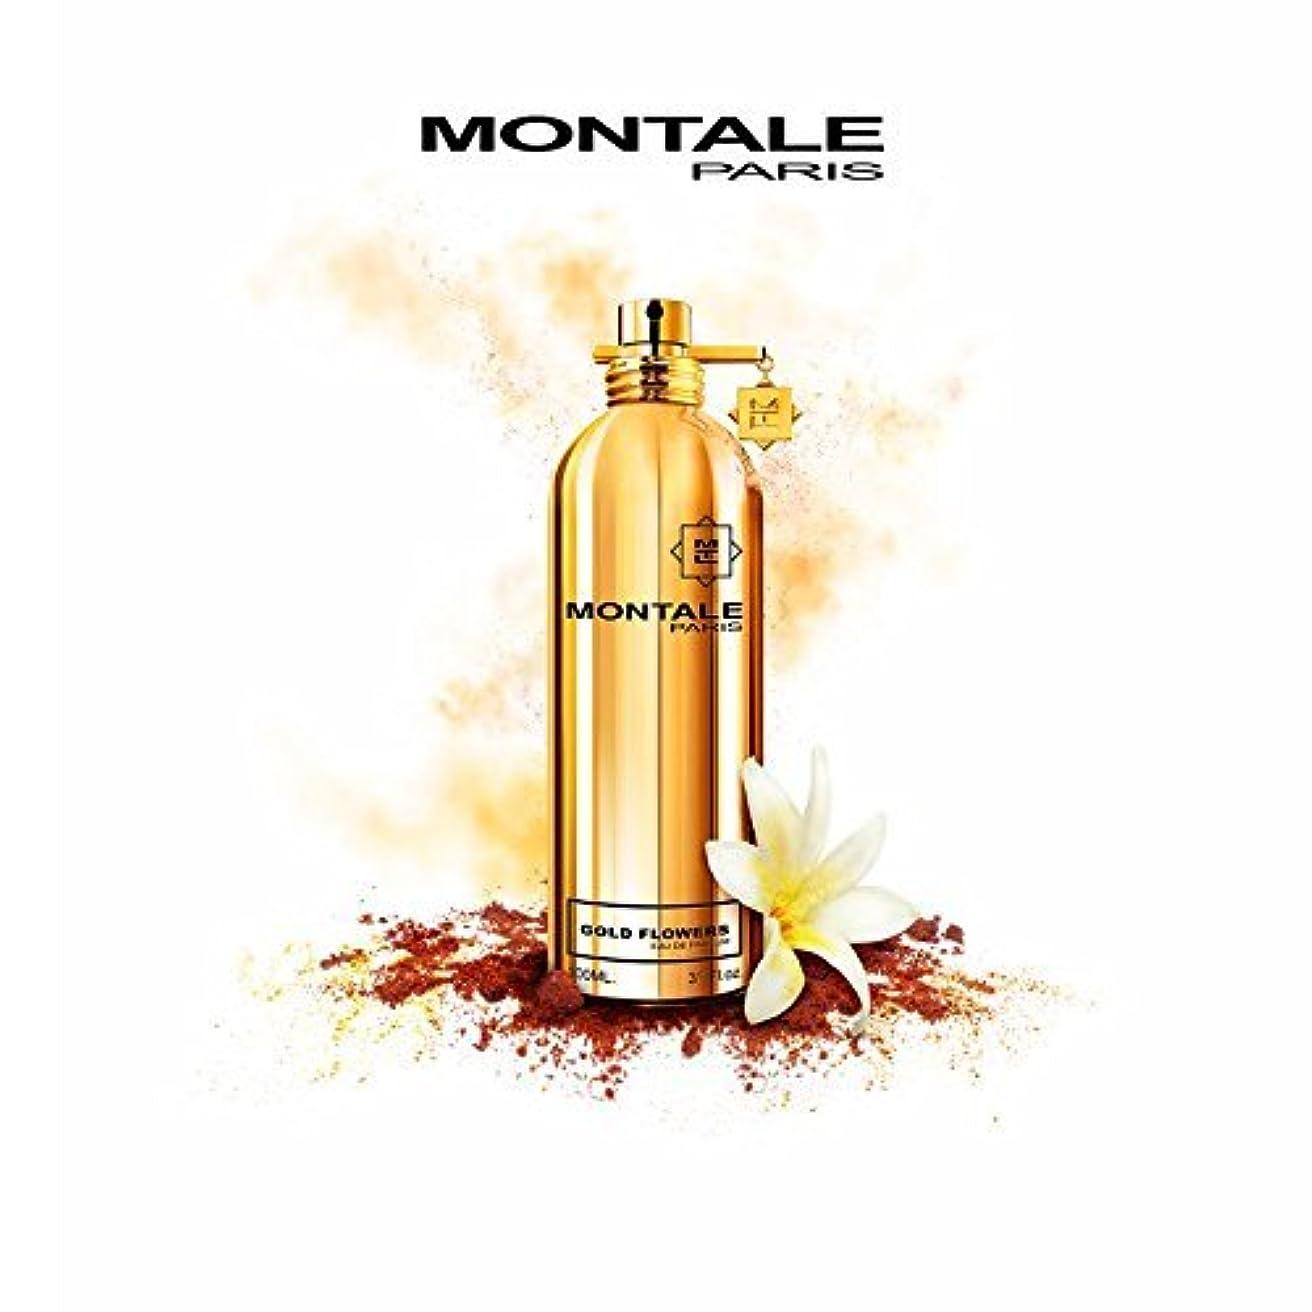 実り多い士気結び目MONTALE GOLD FLOWERS Eau de Perfume 100ml Made in France 100% 本物のモンターレ ゴールド花香水 100 ml フランス製 +2サンプル無料! + 30 mlスキンケア無料!